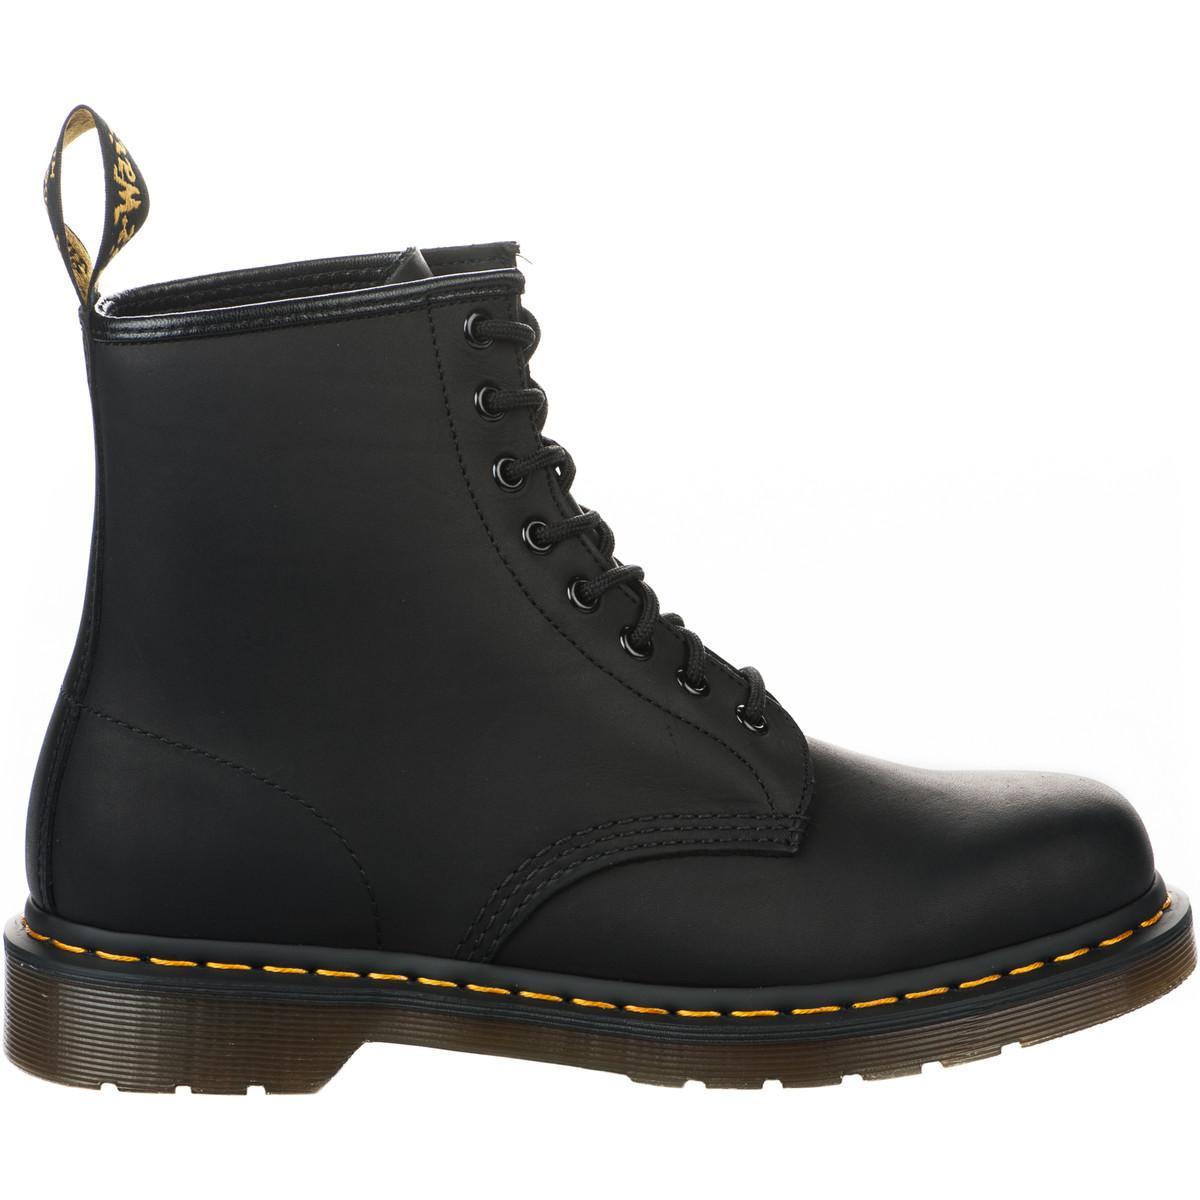 Boots 40 Pour Bottines Noir Hommes DrMartens Homme En PwkNnZOX80